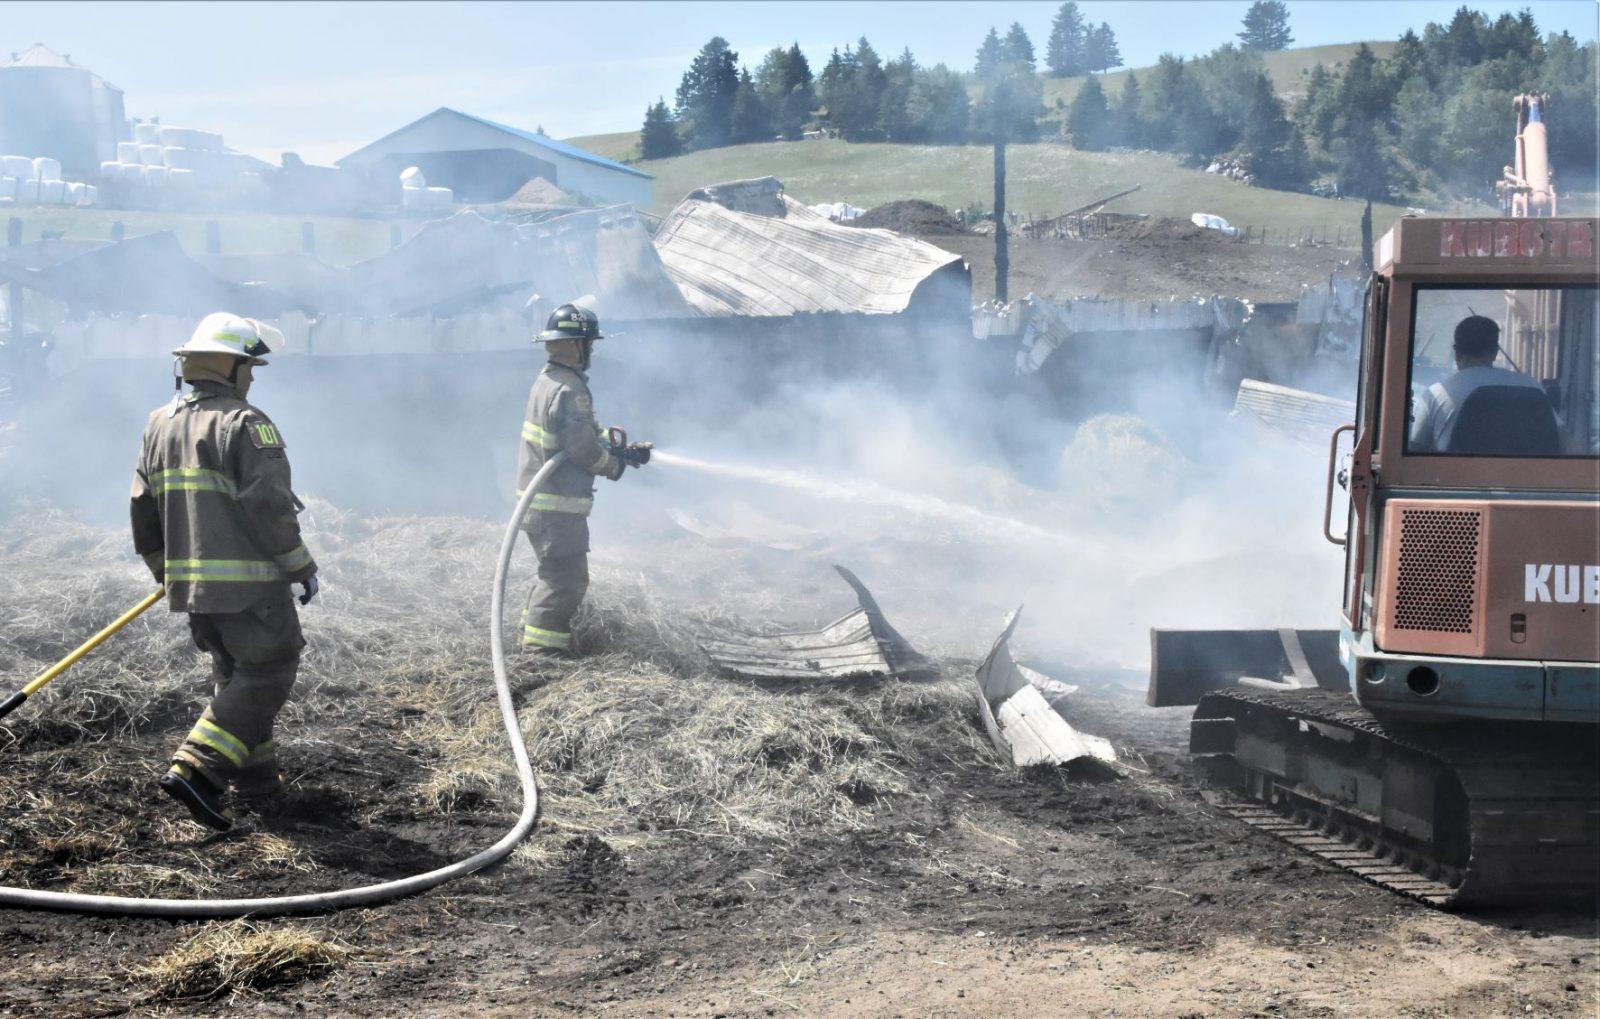 Les pompiers sont de retour au rang Saint-Ours (vidéo)